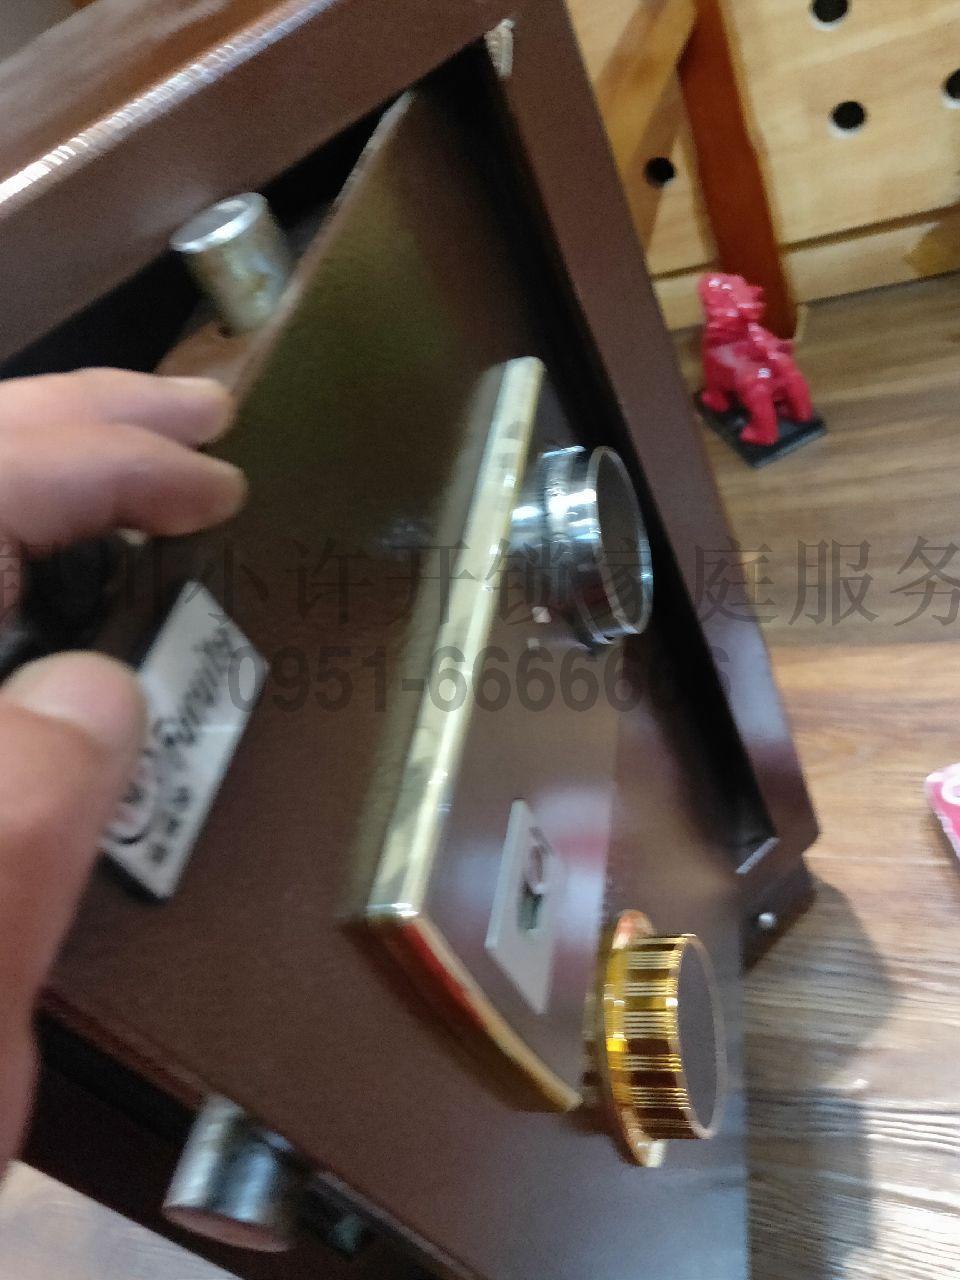 开保险柜_钥匙丢了_密码忘了_找小许开锁_为您解决一切烦恼